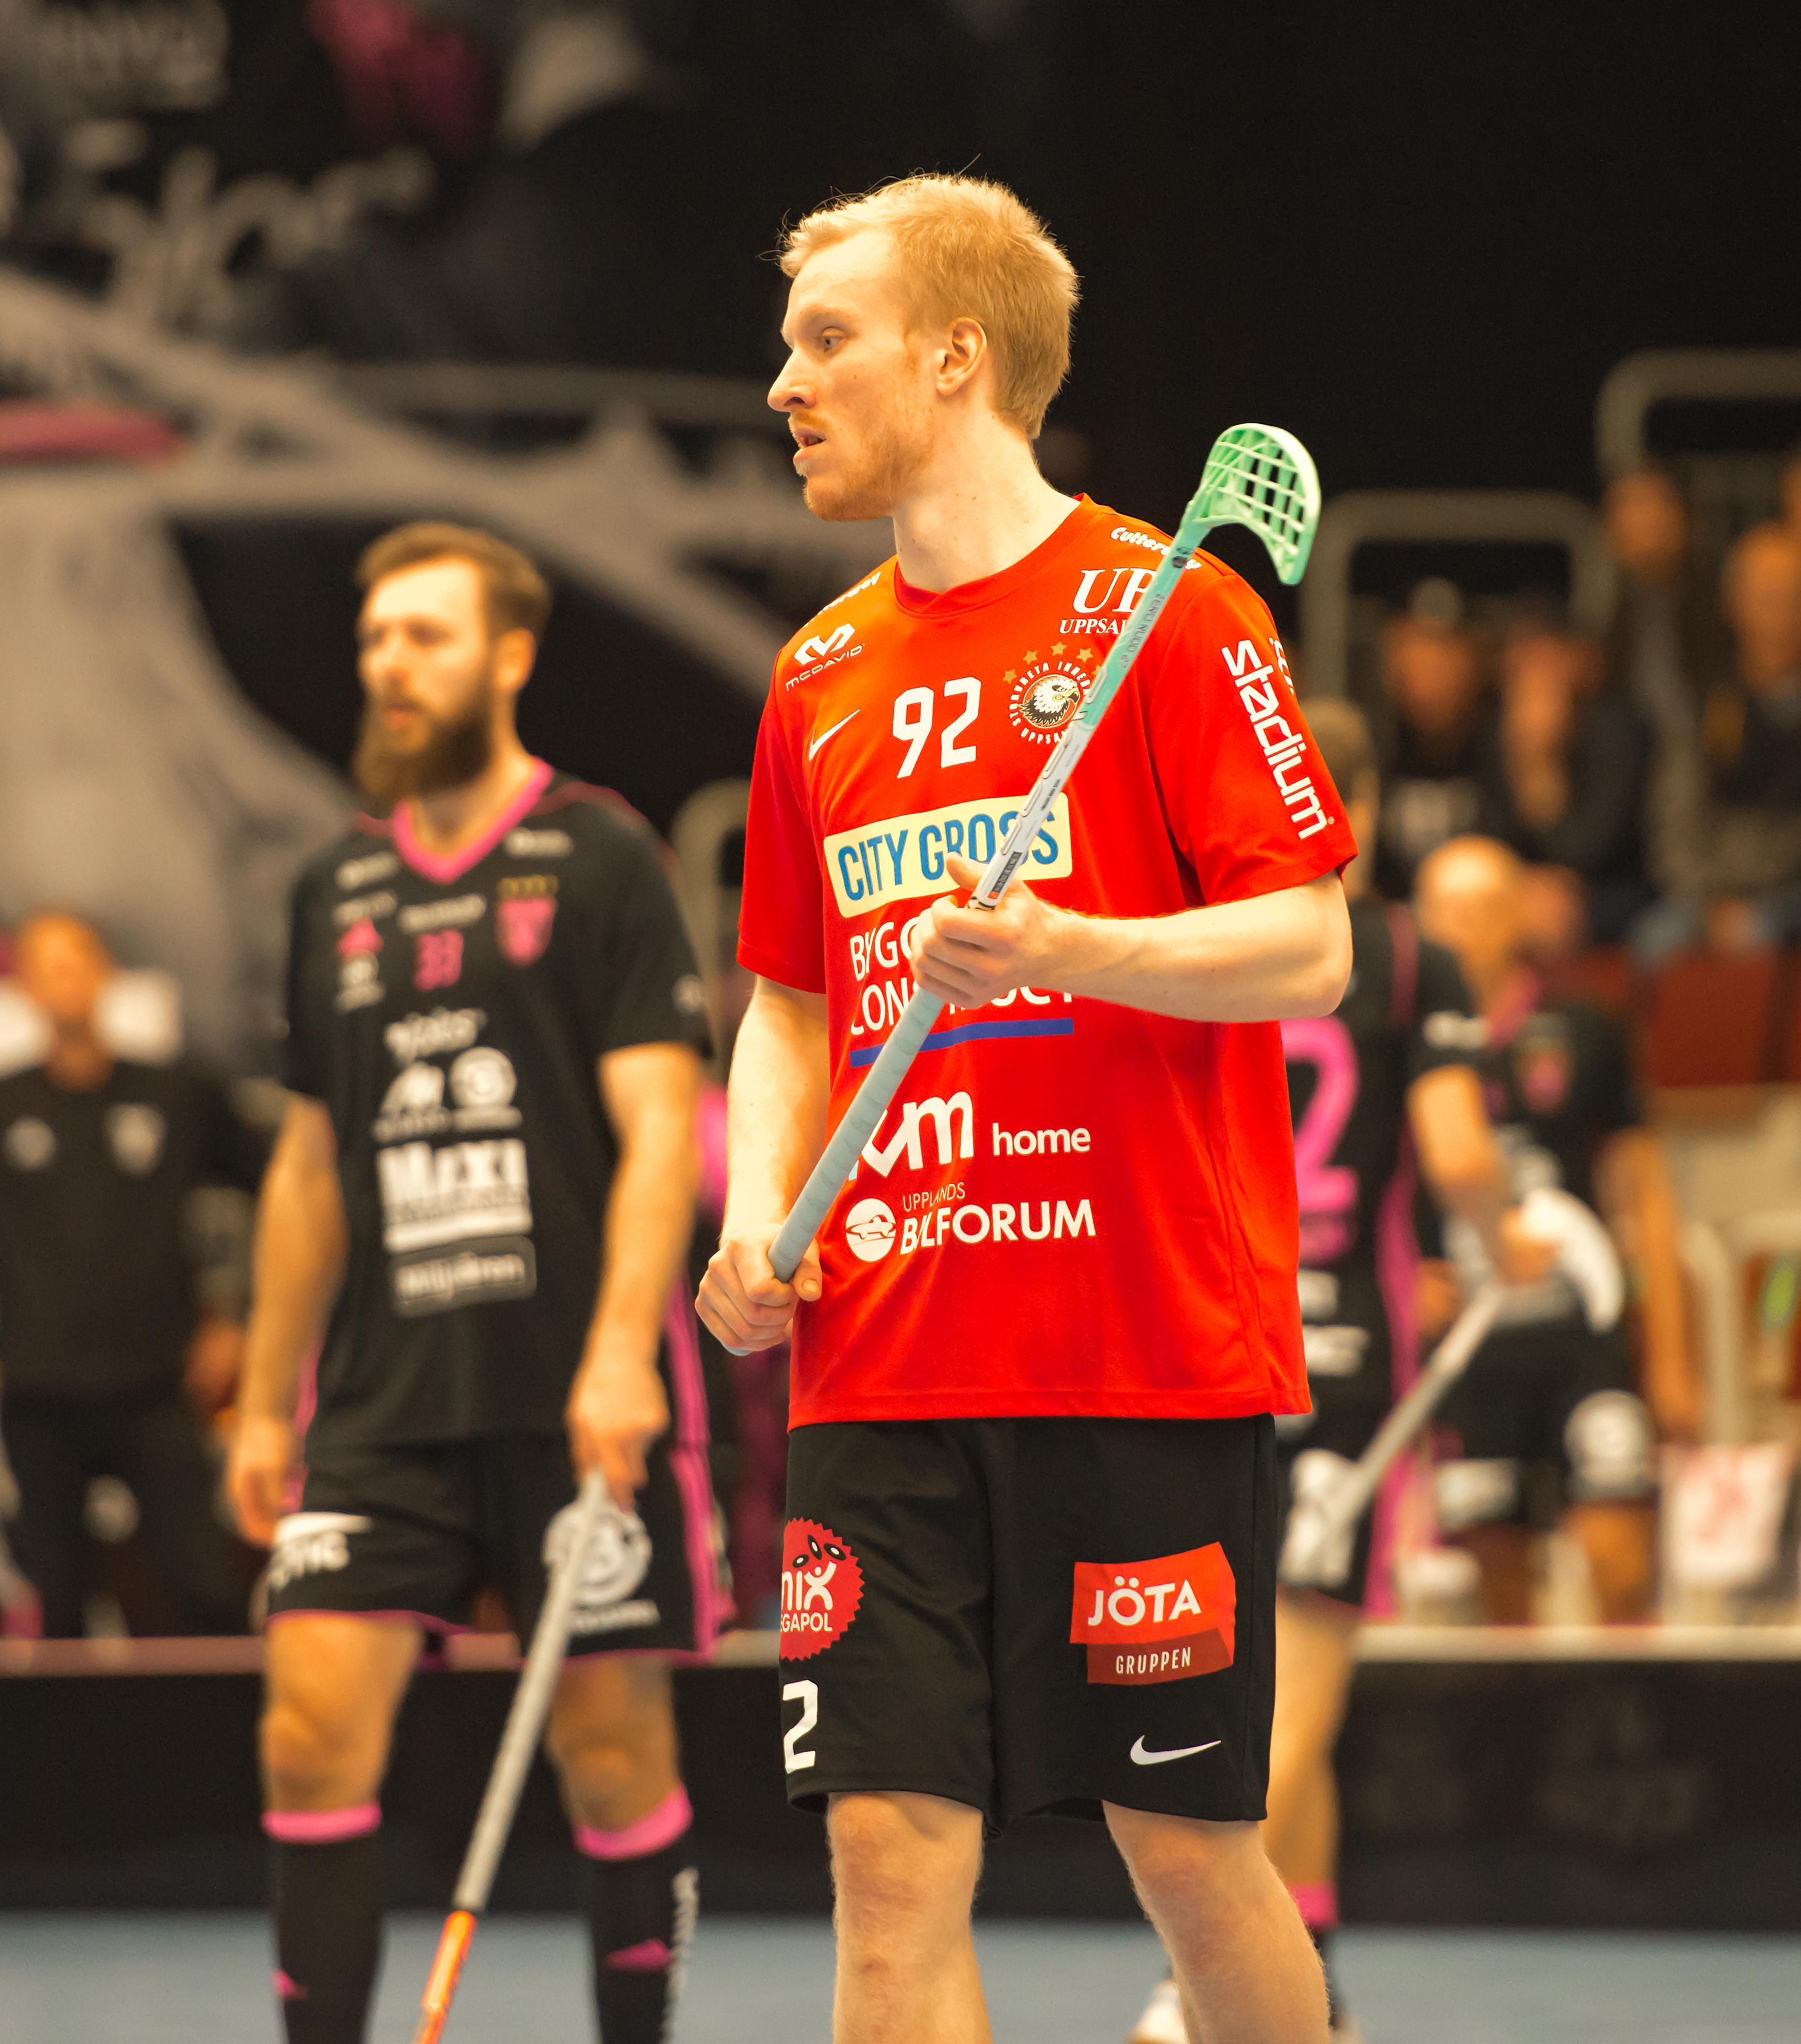 Storvretacupen 2014-2015 - Storvretacupen - SolidSport